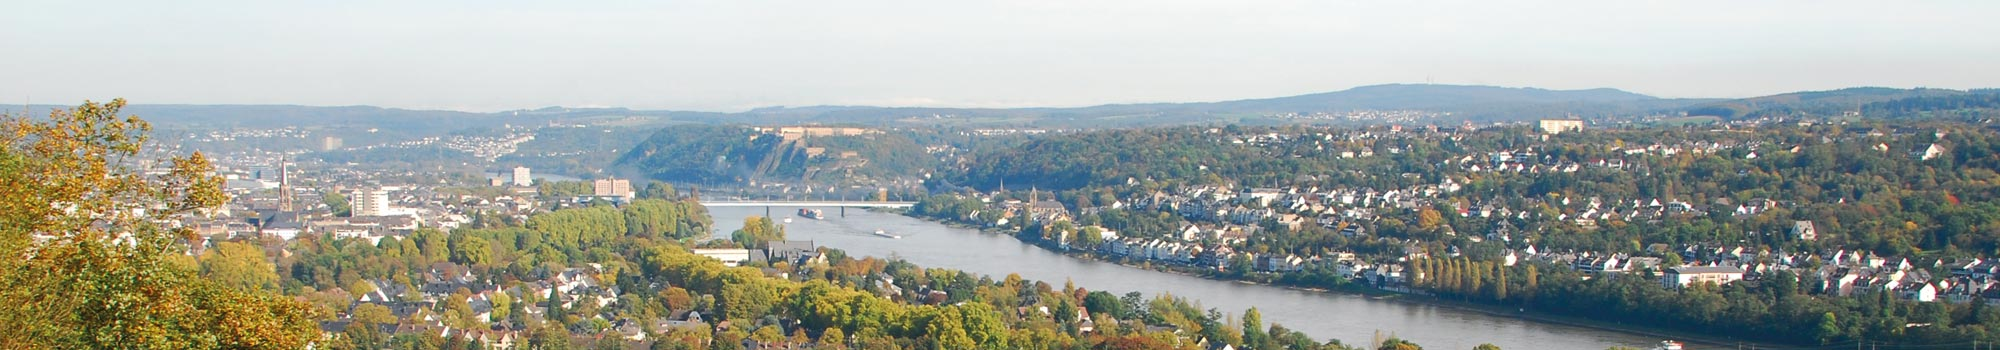 Marketingathleten Koblenz Kontakt Bonn